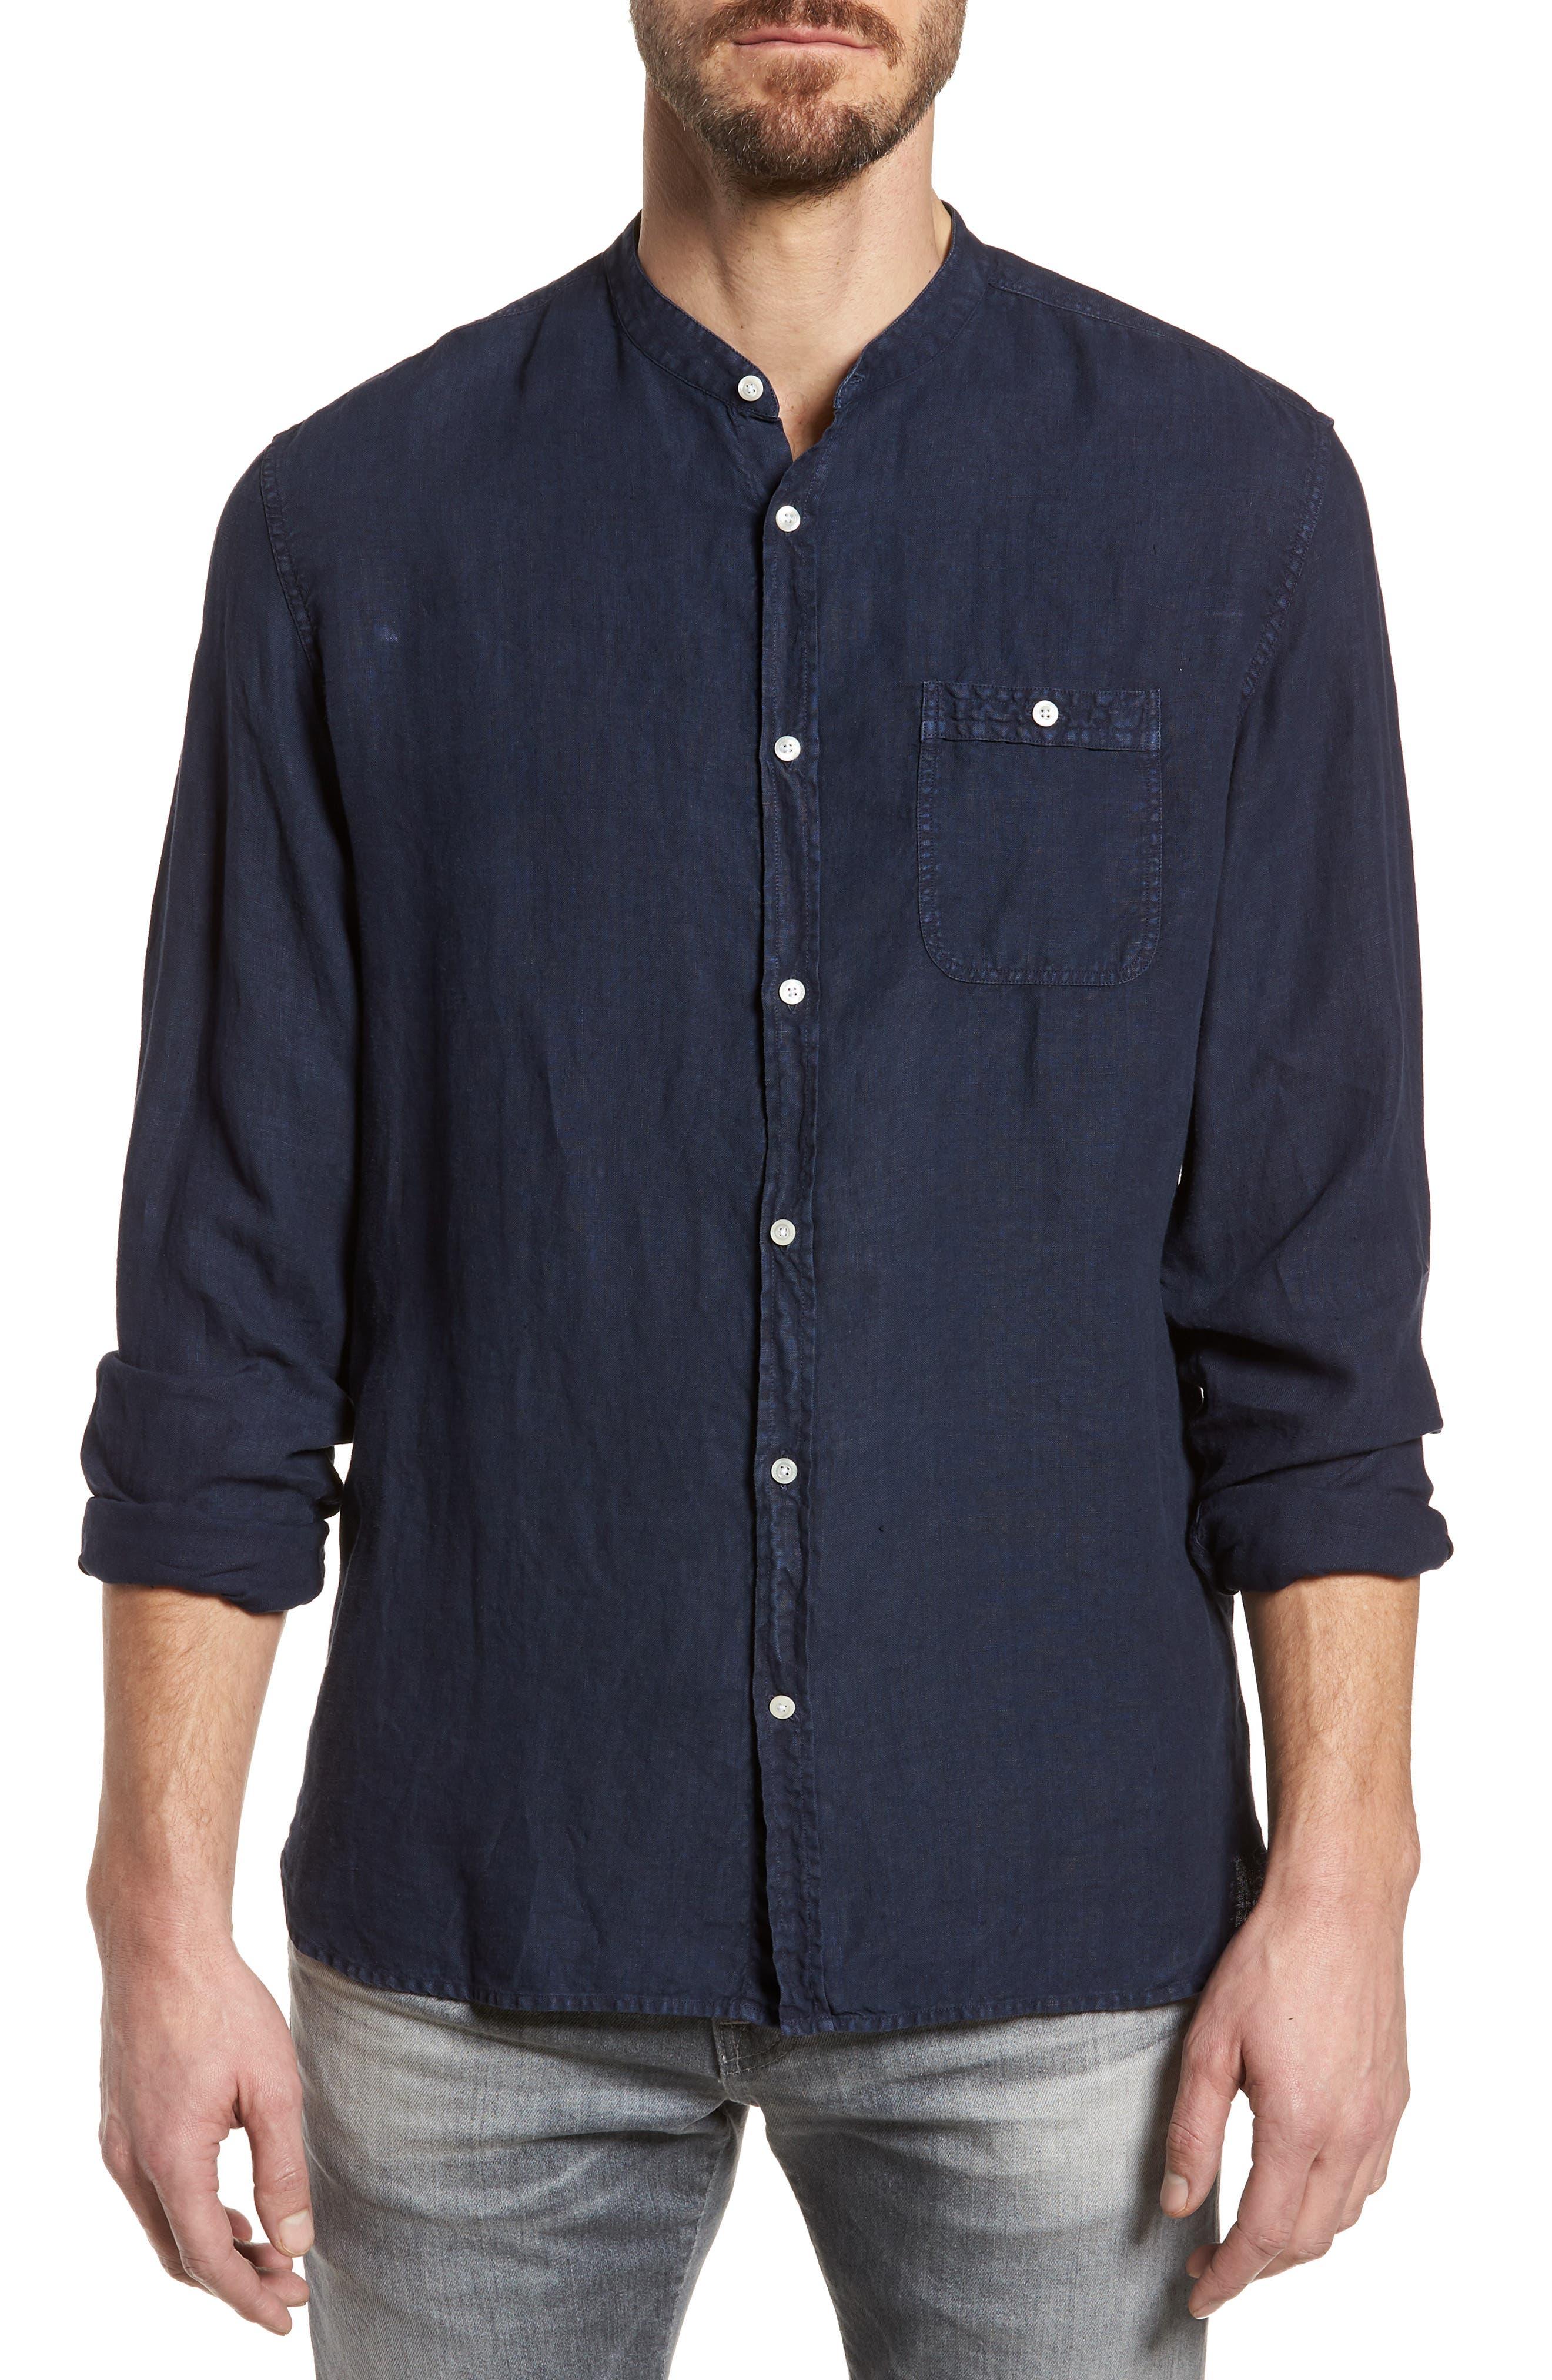 Woolrich John Rich & Bros. Regular Fit Band Collar Linen Shirt